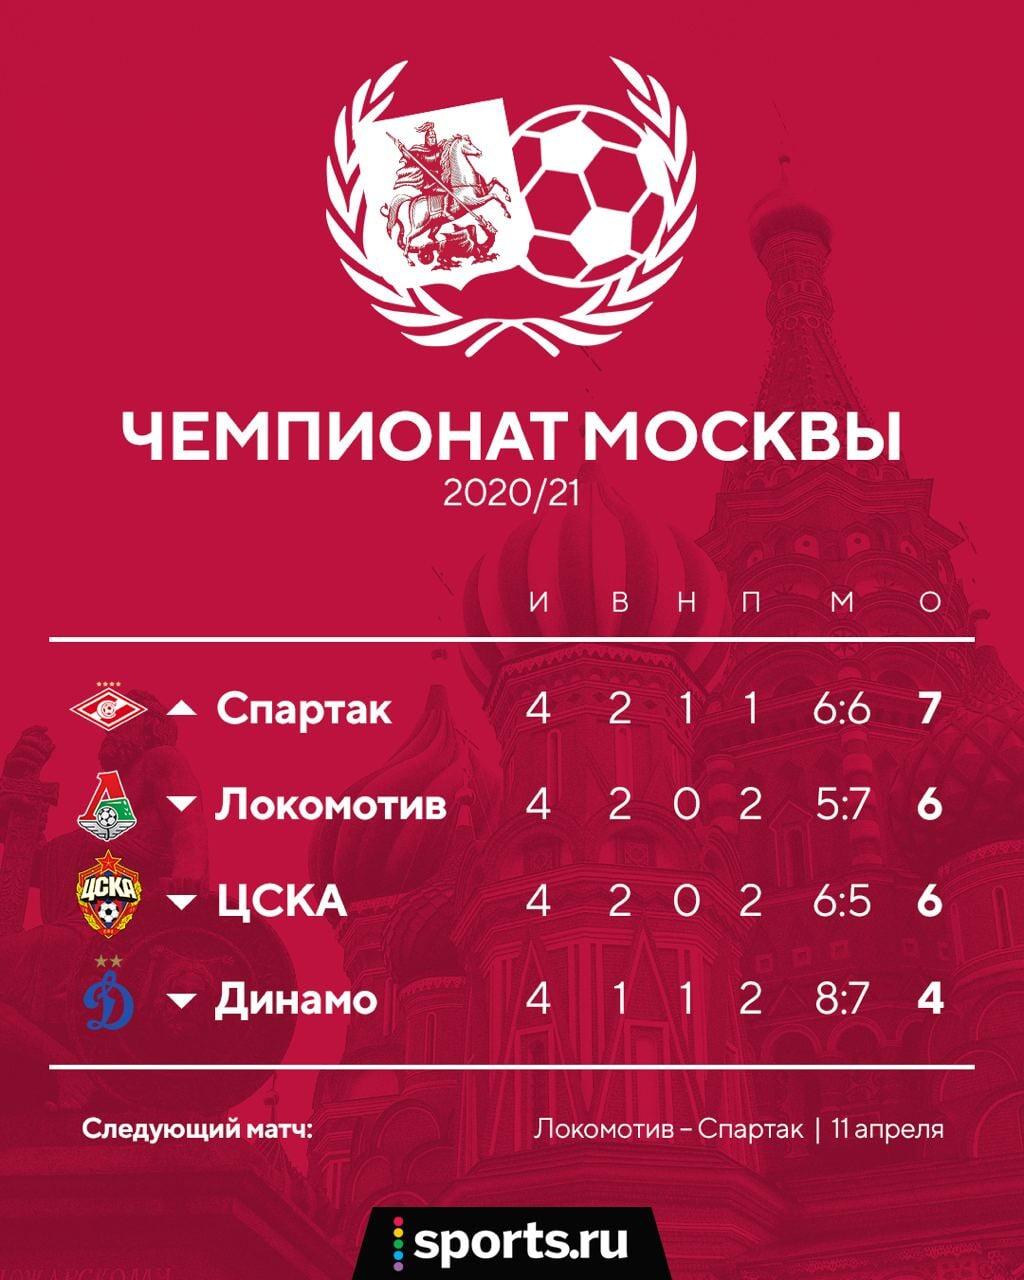 У «Спартака» 7 очков в 4 играх с московскими клубами в этом сезоне. У ЦСКА и «Локо» по 6, у «Динамо» 4